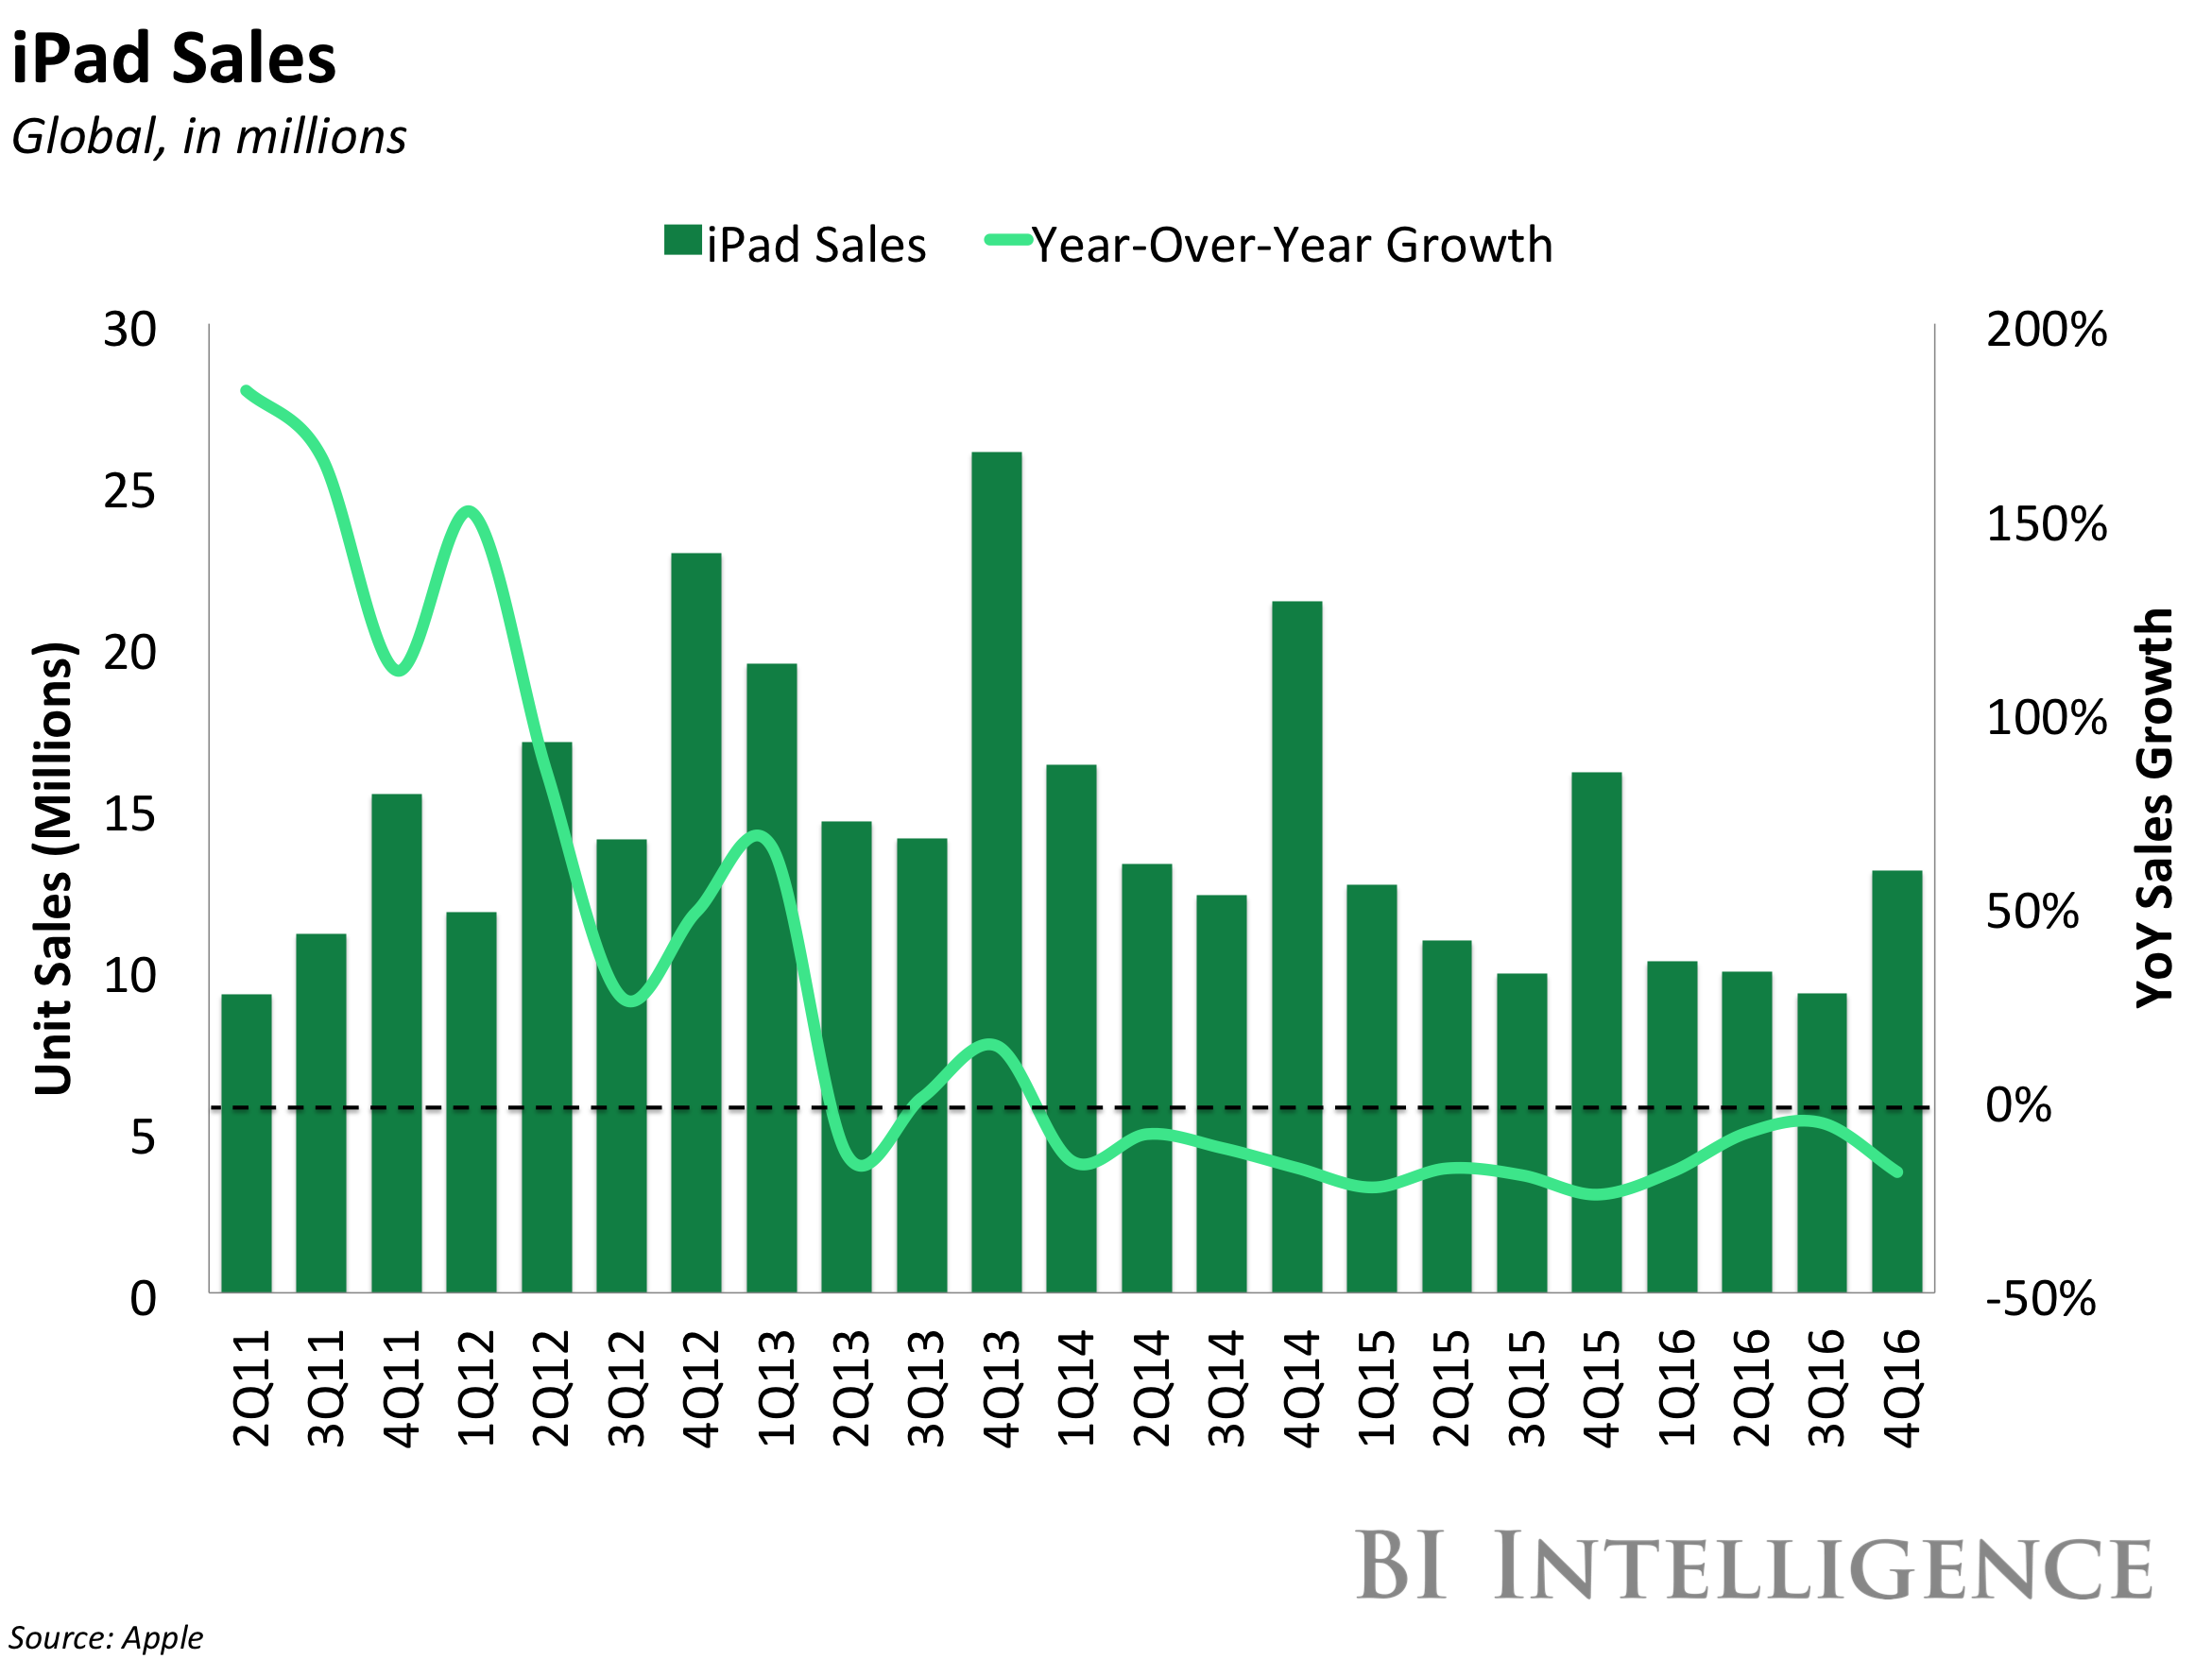 bii ipad sales growth 4q16